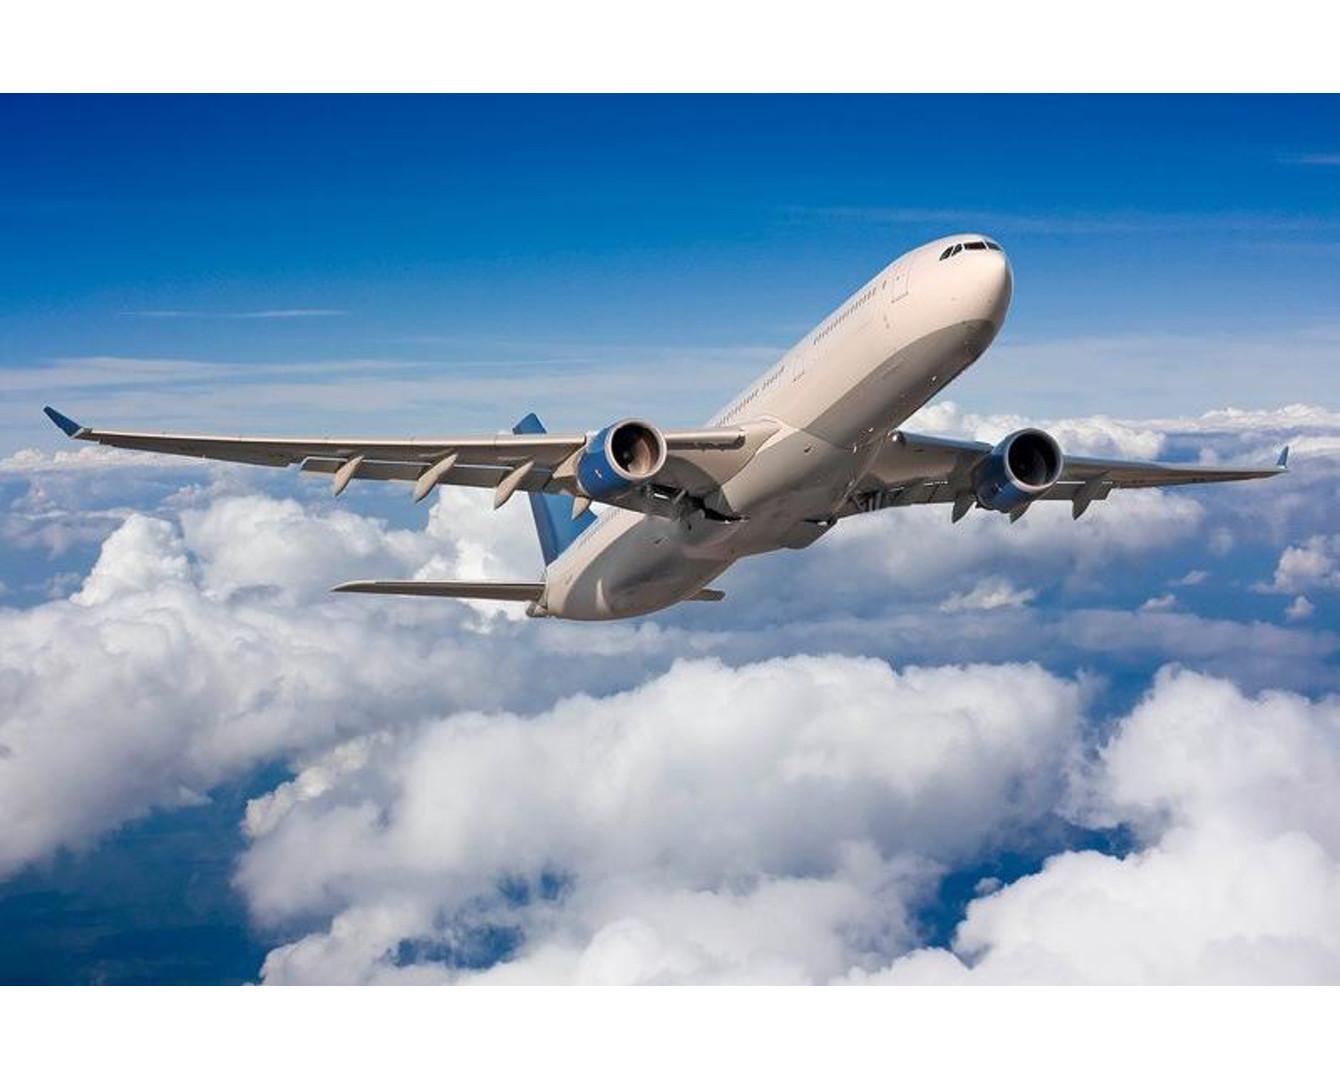 Президент: АҚШ пен Жапонияға тікелей әуе рейстері биыл ашылуы тиіс